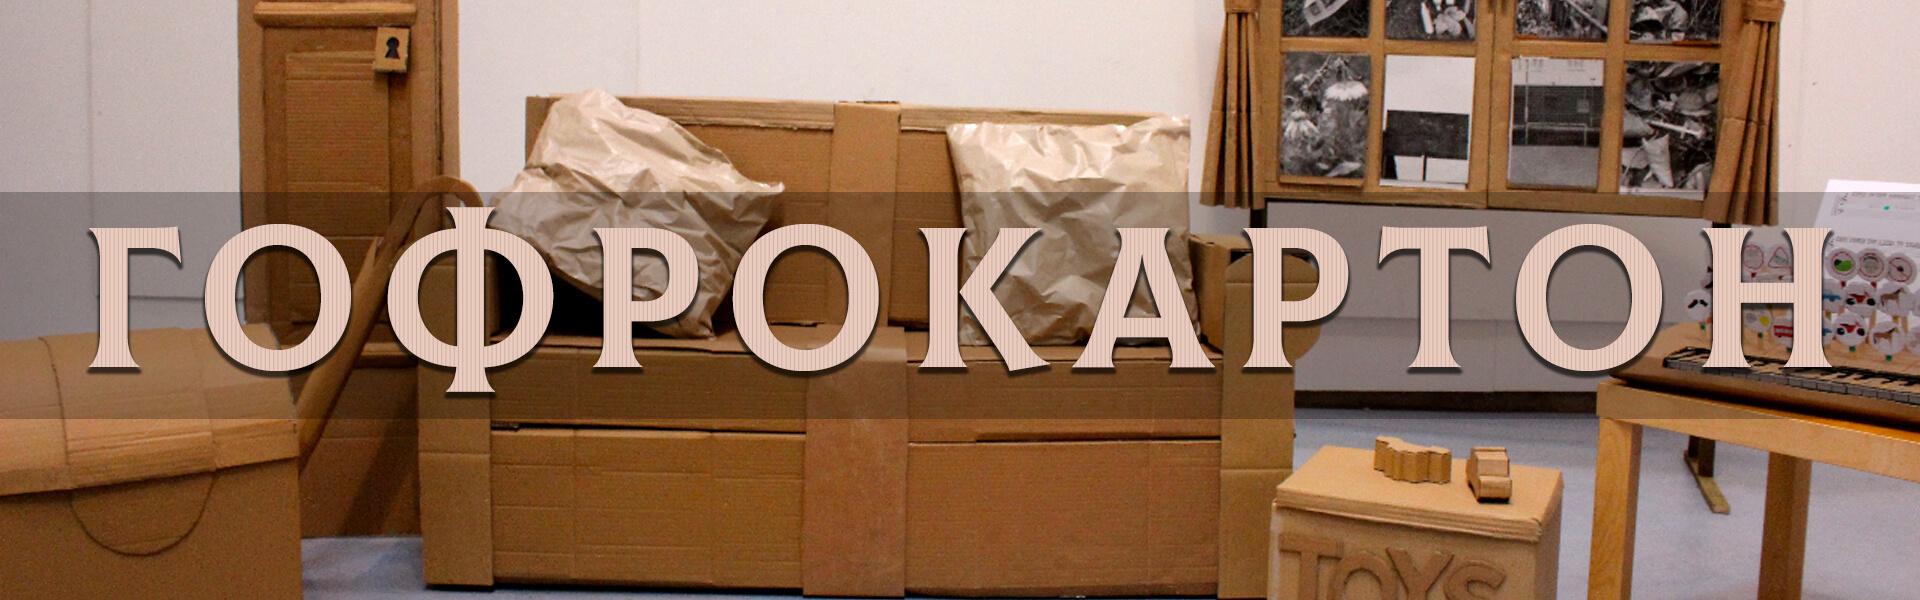 Фото - Гофроящик в Киеве купить оптом в Полиграф-Сити